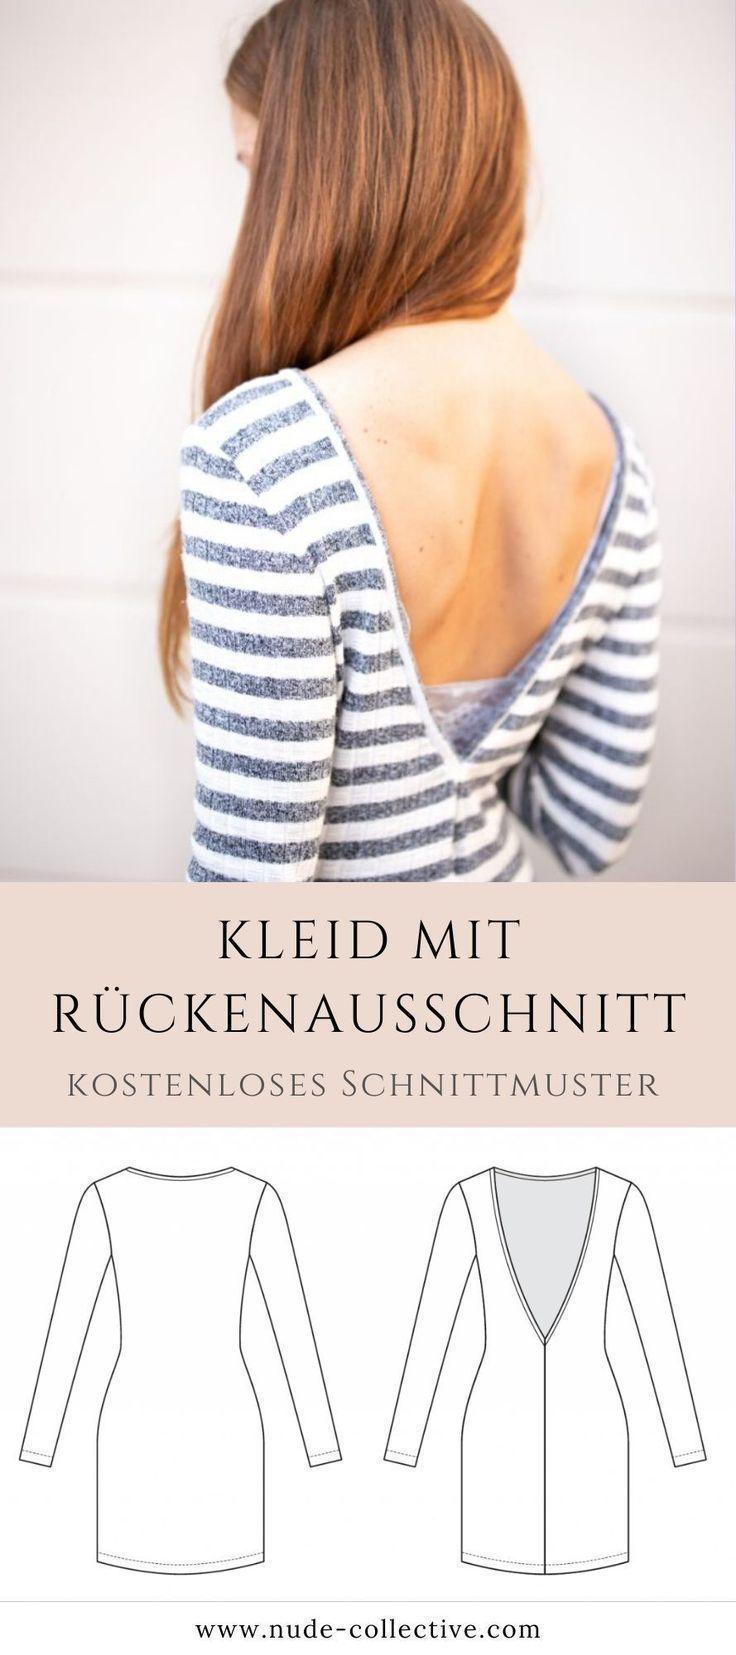 Photo of Ein gestricktes Kleid nähen – Anleitung & Anleitung • NUDE – Ein gestricktes Kleid nähen – Anl …, #Anl #Anlei …